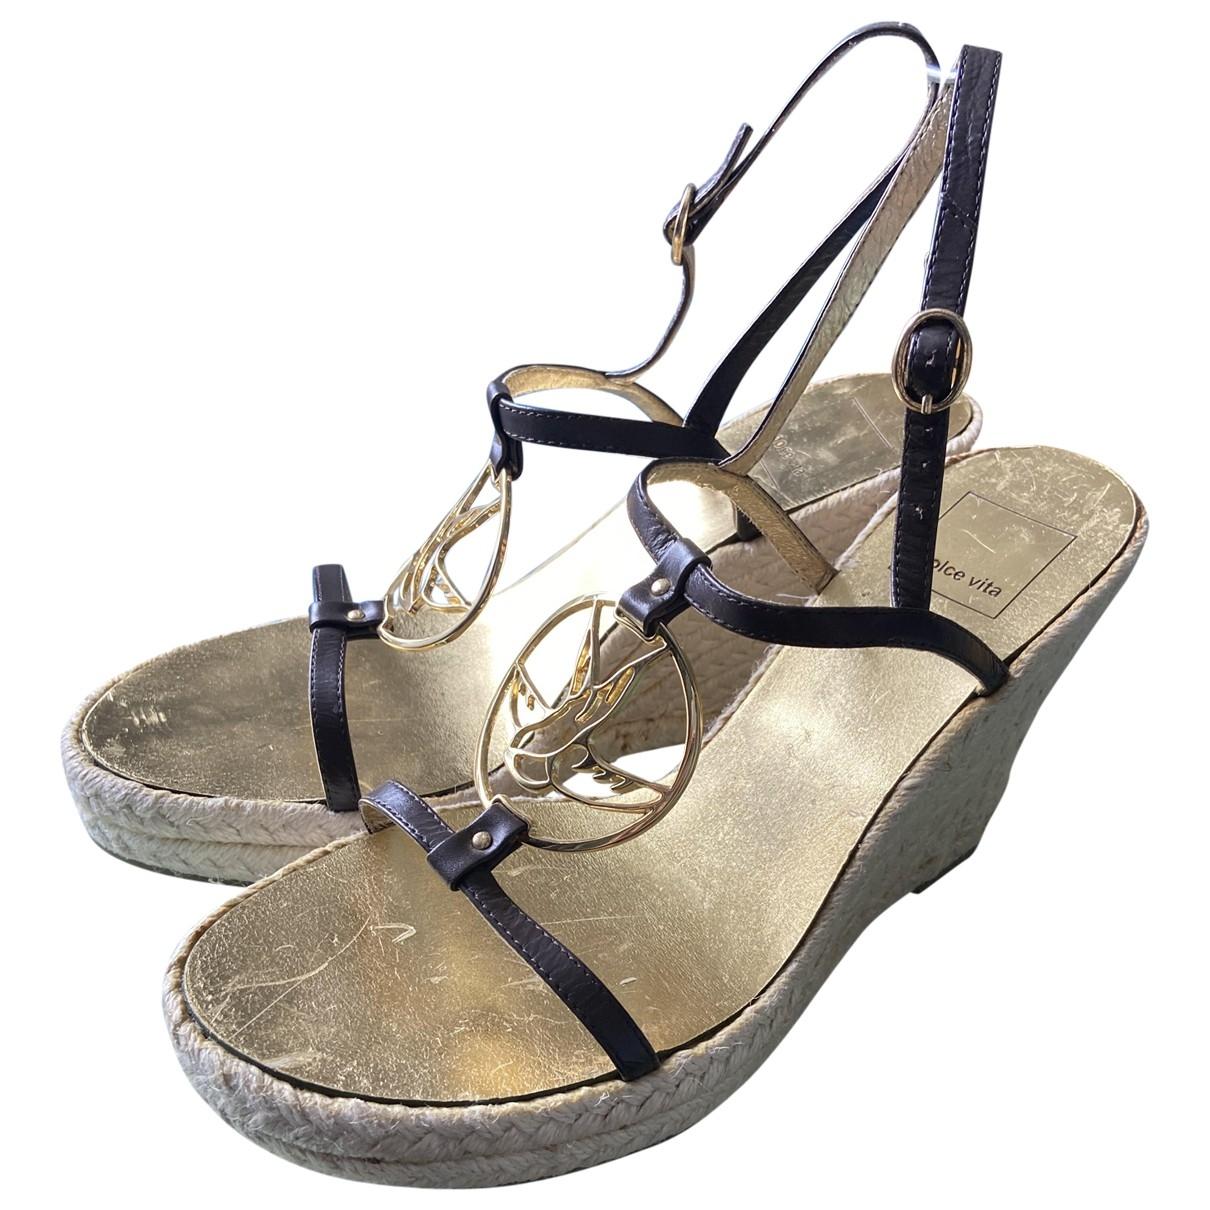 Sandalias de Cuero Dolce Vita